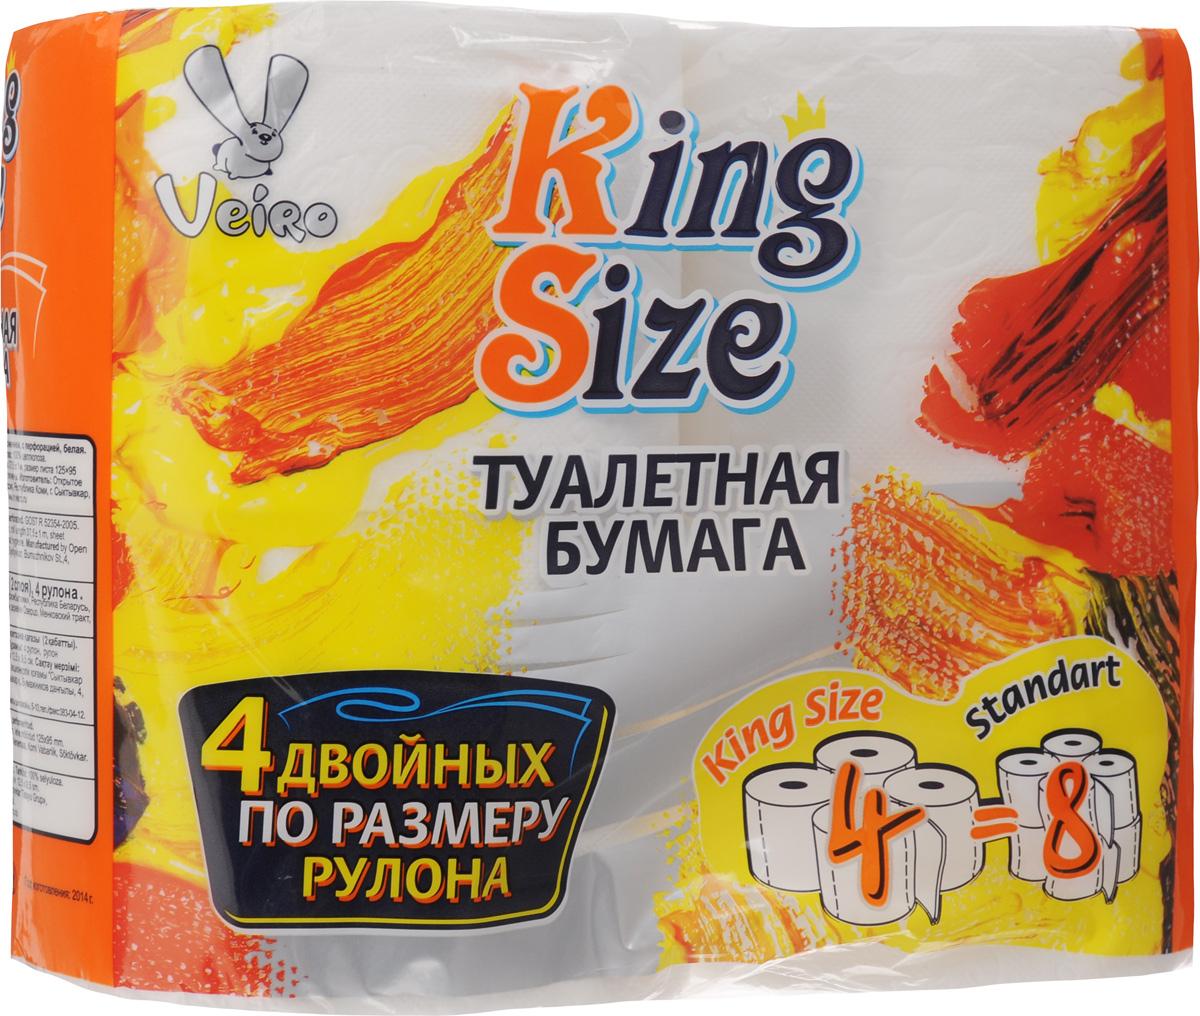 Бумага туалетная Veiro King Size, двухслойная, 4 рулона010-01199-23Туалетная бумага Veiro King Size, выполненная из натуральной целлюлозы, обеспечивает превосходный комфорт и ощущение чистоты и свежести. Необыкновенно мягкая, но в тоже время прочная, бумага не расслаивается и отрывается строго по линии перфорации, не вызывает аллергии и раздражения. Двухслойные листы имеют рисунок с перфорацией.Количество слоев: 2. Размер листа: 12,5 х 9,5 см. Длина намотки: 37,5 м. Состав: 100% целлюлоза.Уважаемые клиенты!Обращаем ваше внимание на возможные изменения в дизайне упаковки. Качественные характеристики товара остаются неизменными. Поставка осуществляется в зависимости от наличия на складе.